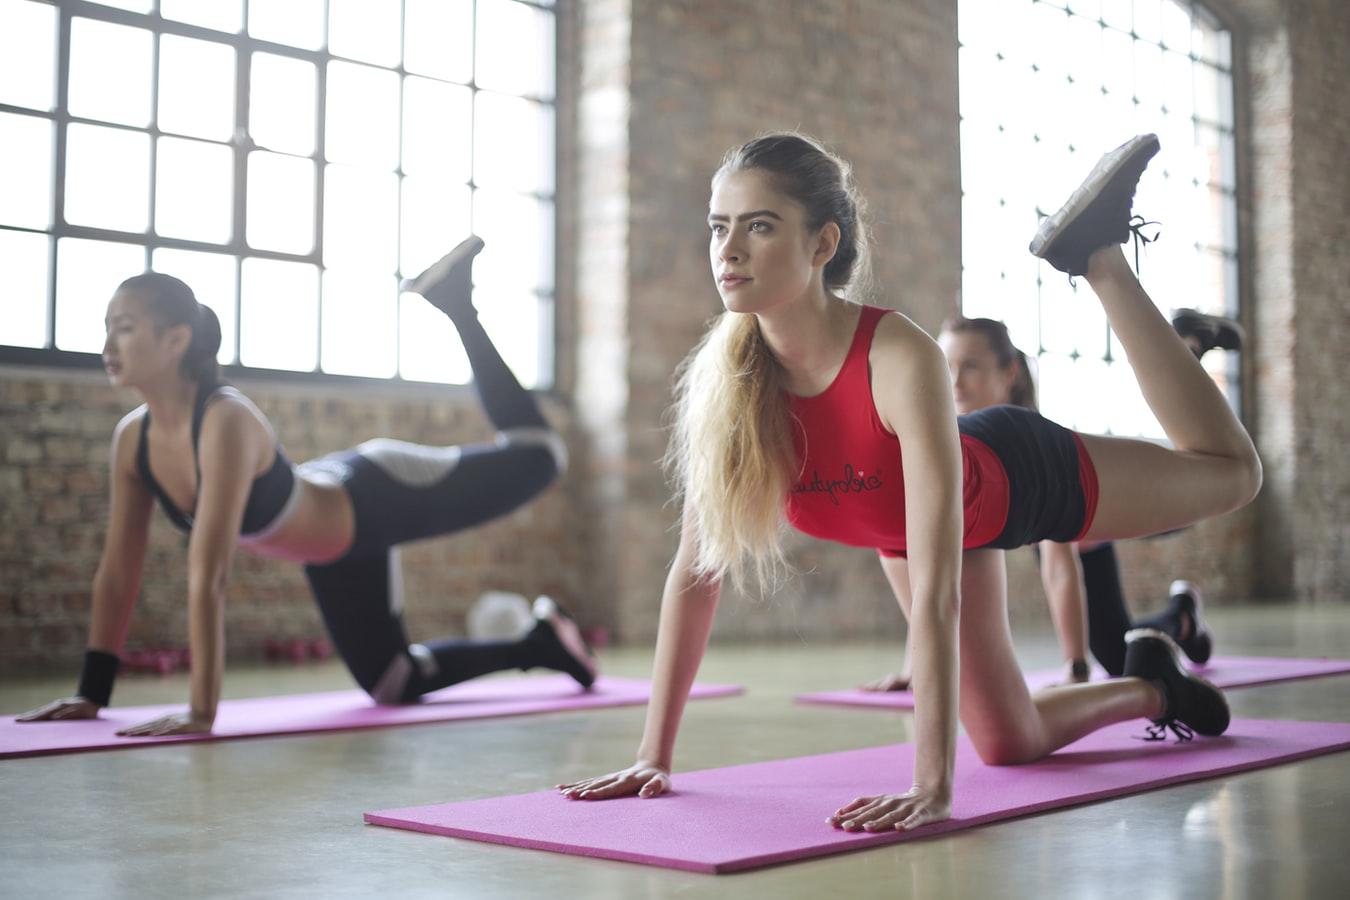 如何靠有氧舞蹈減肥呢?來,跟著專業教練跳就對了!封面